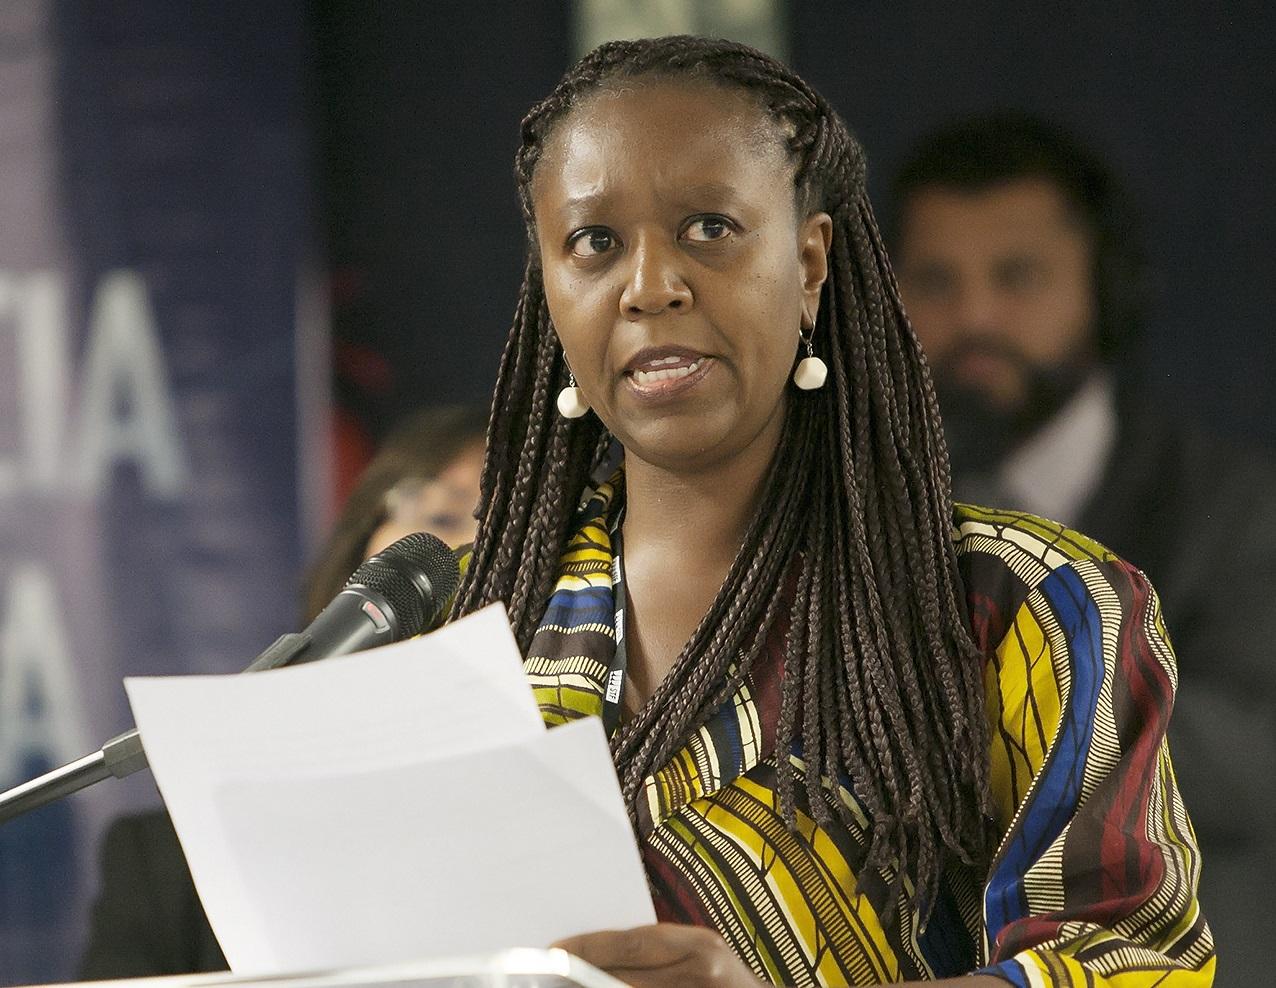 Fernanda Lopes avalia que restrição de acesso a serviços contribui para alta taxa de mortalidade materna entre pretas. | Foto: Fellipe Sampaio/SCO/STF